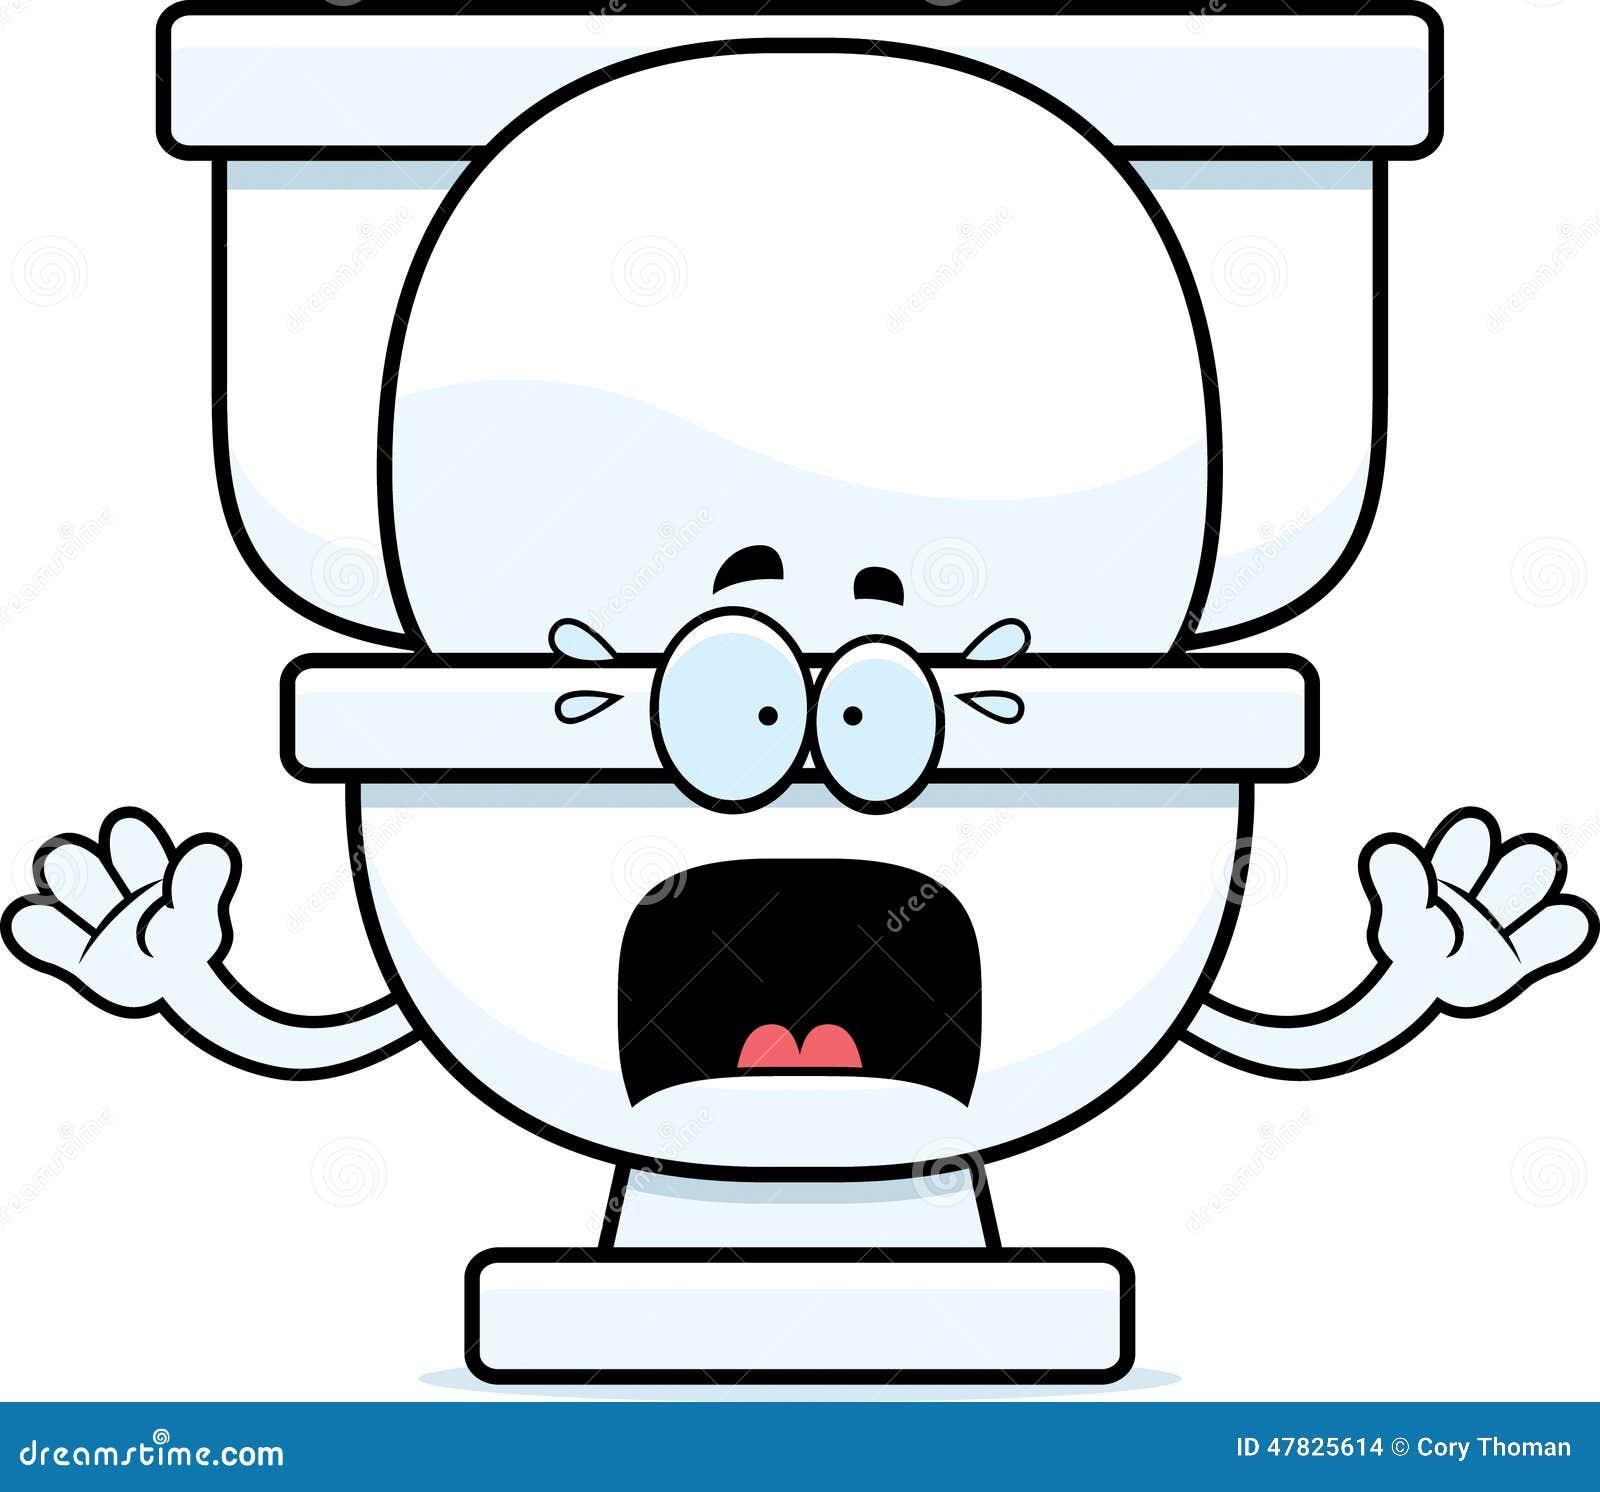 Sweating Toilet Bowl